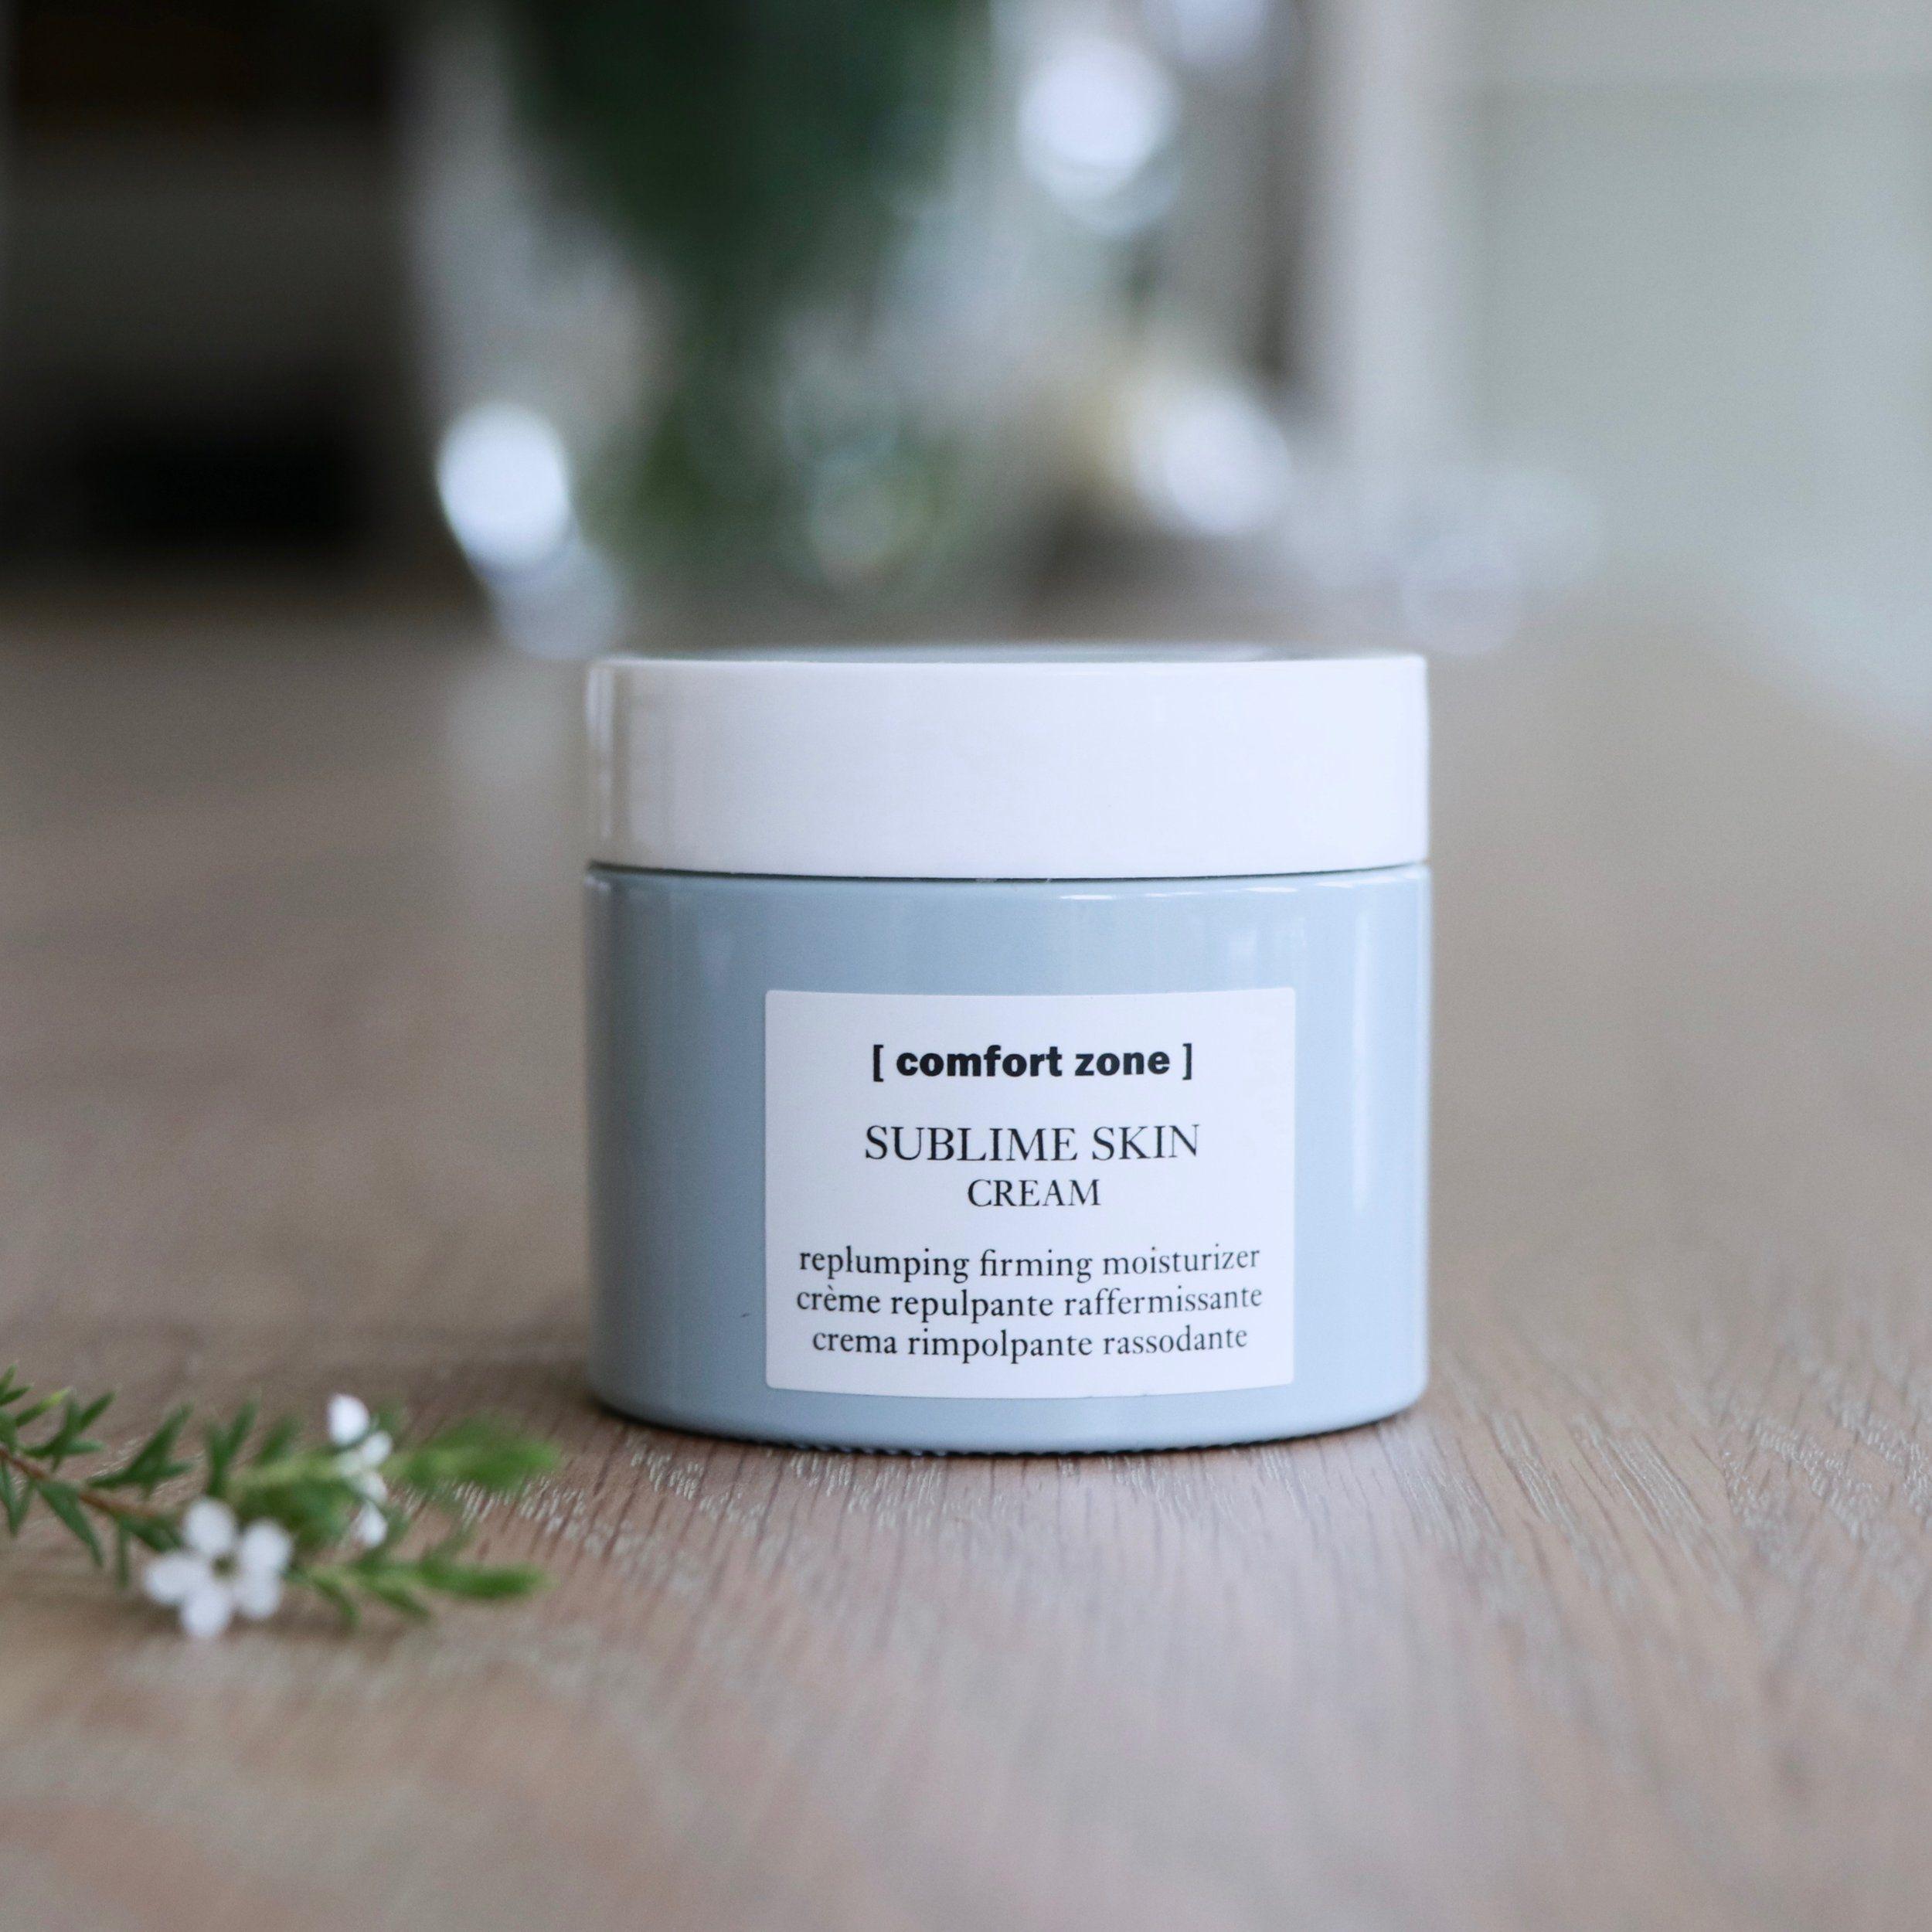 The Best Clean Face Cream Lane Natural Face Cream Cream Skin Cream